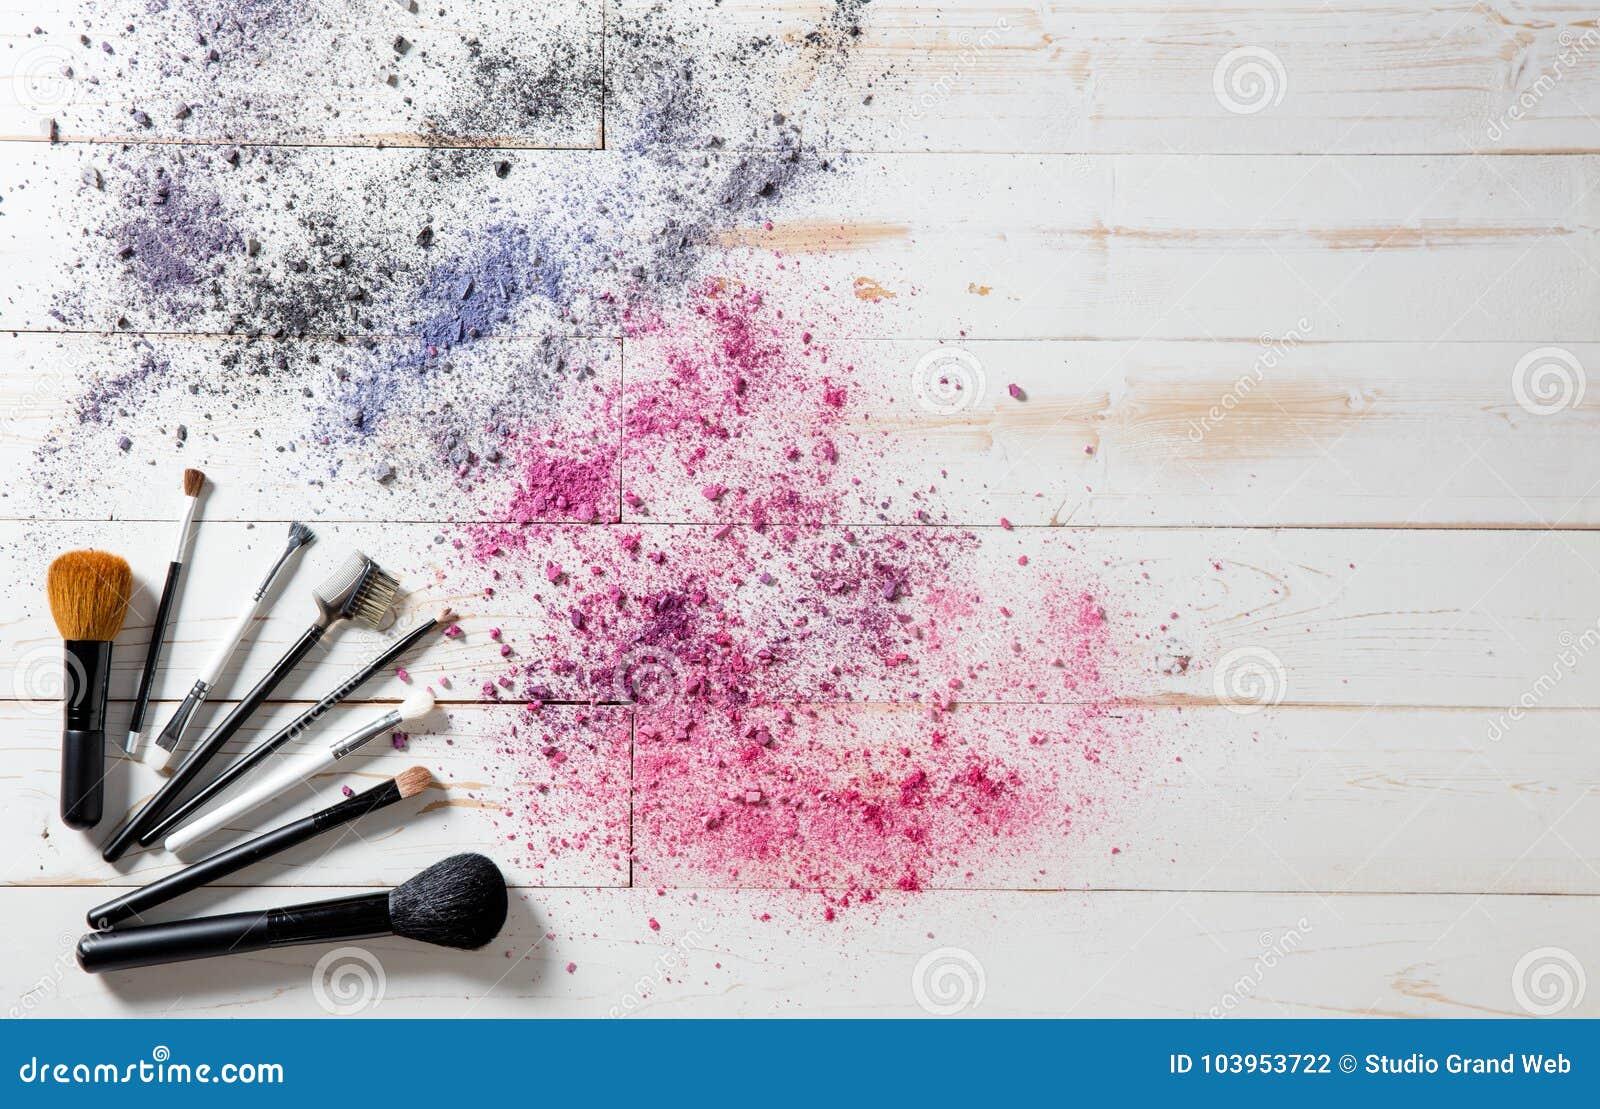 Wallpaper para el maquillaje profesional y forme los cepillos y los pigmentos coloridos